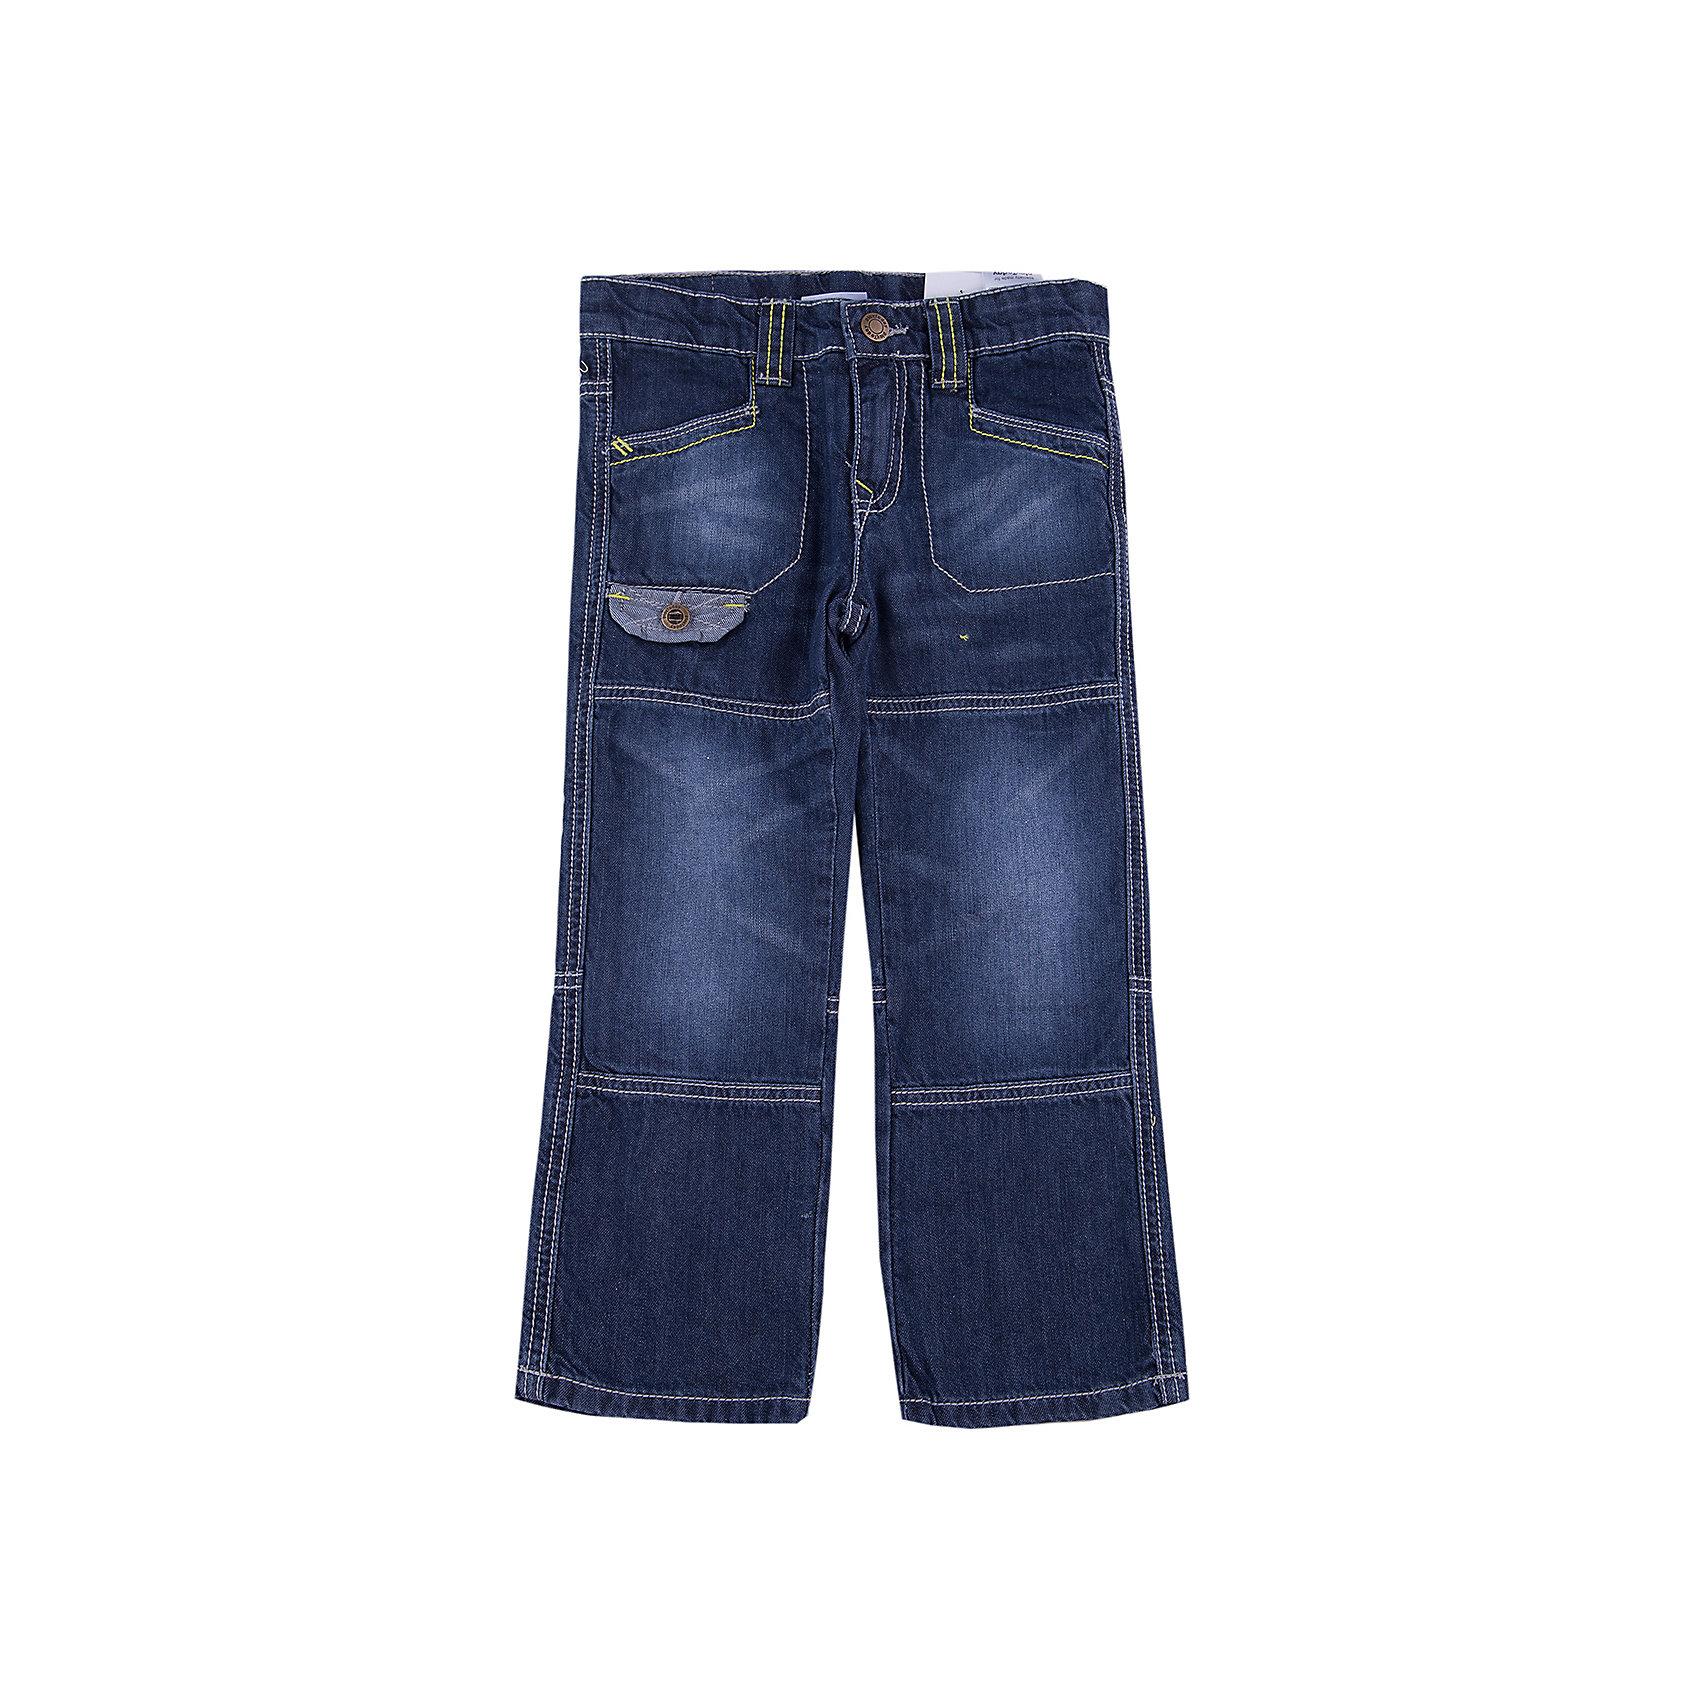 Джинсы для мальчика PlayTodayДжинсовая одежда<br>Джинсы для мальчика от известного бренда PlayToday.<br>Стильные джинсы с модными потертостями. Внутри мягкая трикотажная подкладка цвета серый меланж. Есть 4 функциональных кармашка. Отделка карманов выполнена из изнаночной стороны джинсового материала.<br>Состав:<br>Верх: 100% хлопок. Подкладка: 50% хлопок, 50% полиэстер<br><br>Ширина мм: 215<br>Глубина мм: 88<br>Высота мм: 191<br>Вес г: 336<br>Цвет: синий<br>Возраст от месяцев: 72<br>Возраст до месяцев: 84<br>Пол: Мужской<br>Возраст: Детский<br>Размер: 122,116,104,128,110,98<br>SKU: 4896586